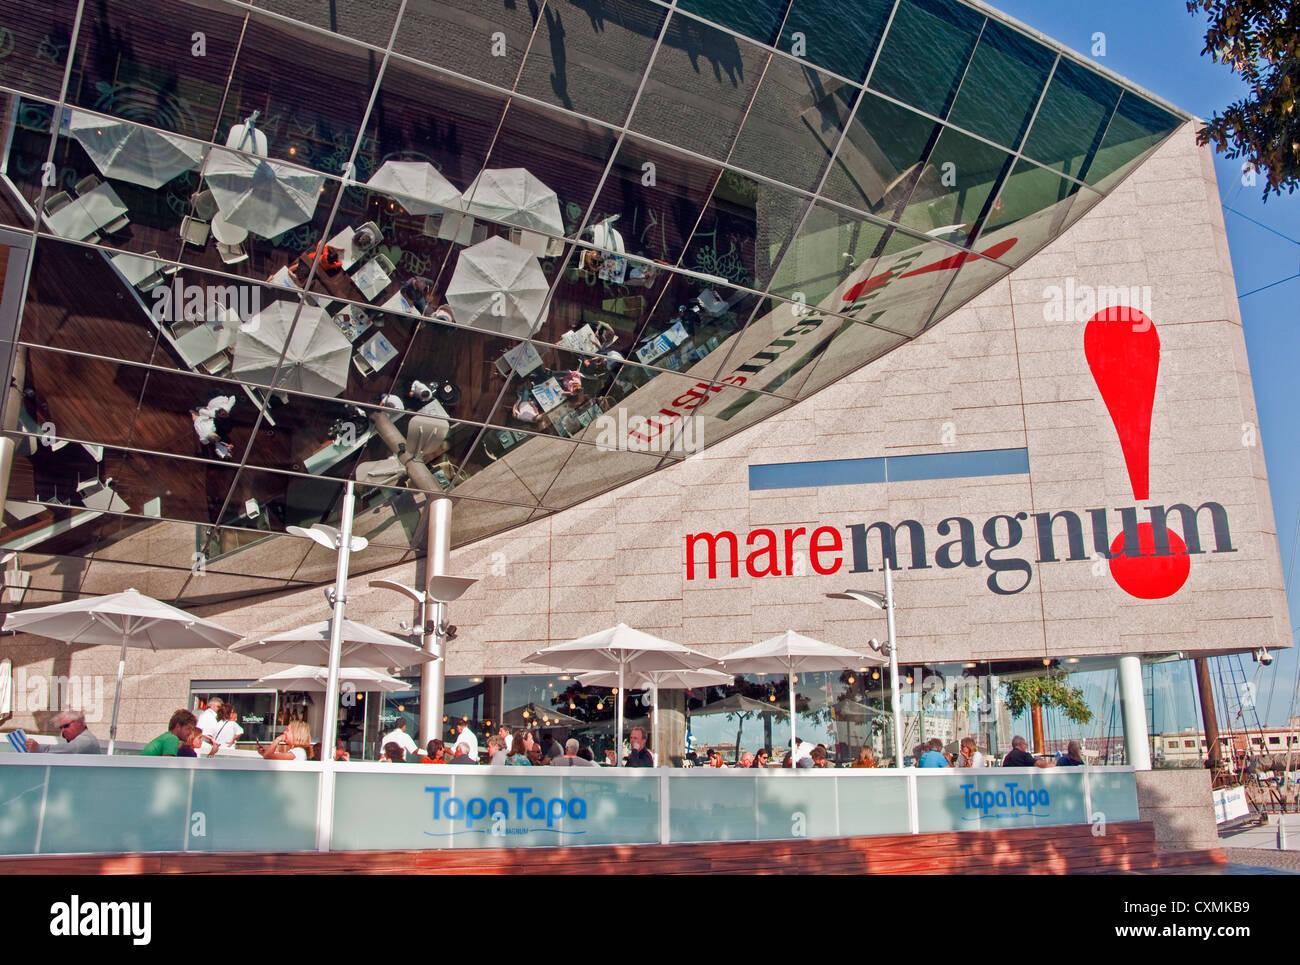 Barcelona's Maremagnum shopping center at Port Vell harbor - Stock Image